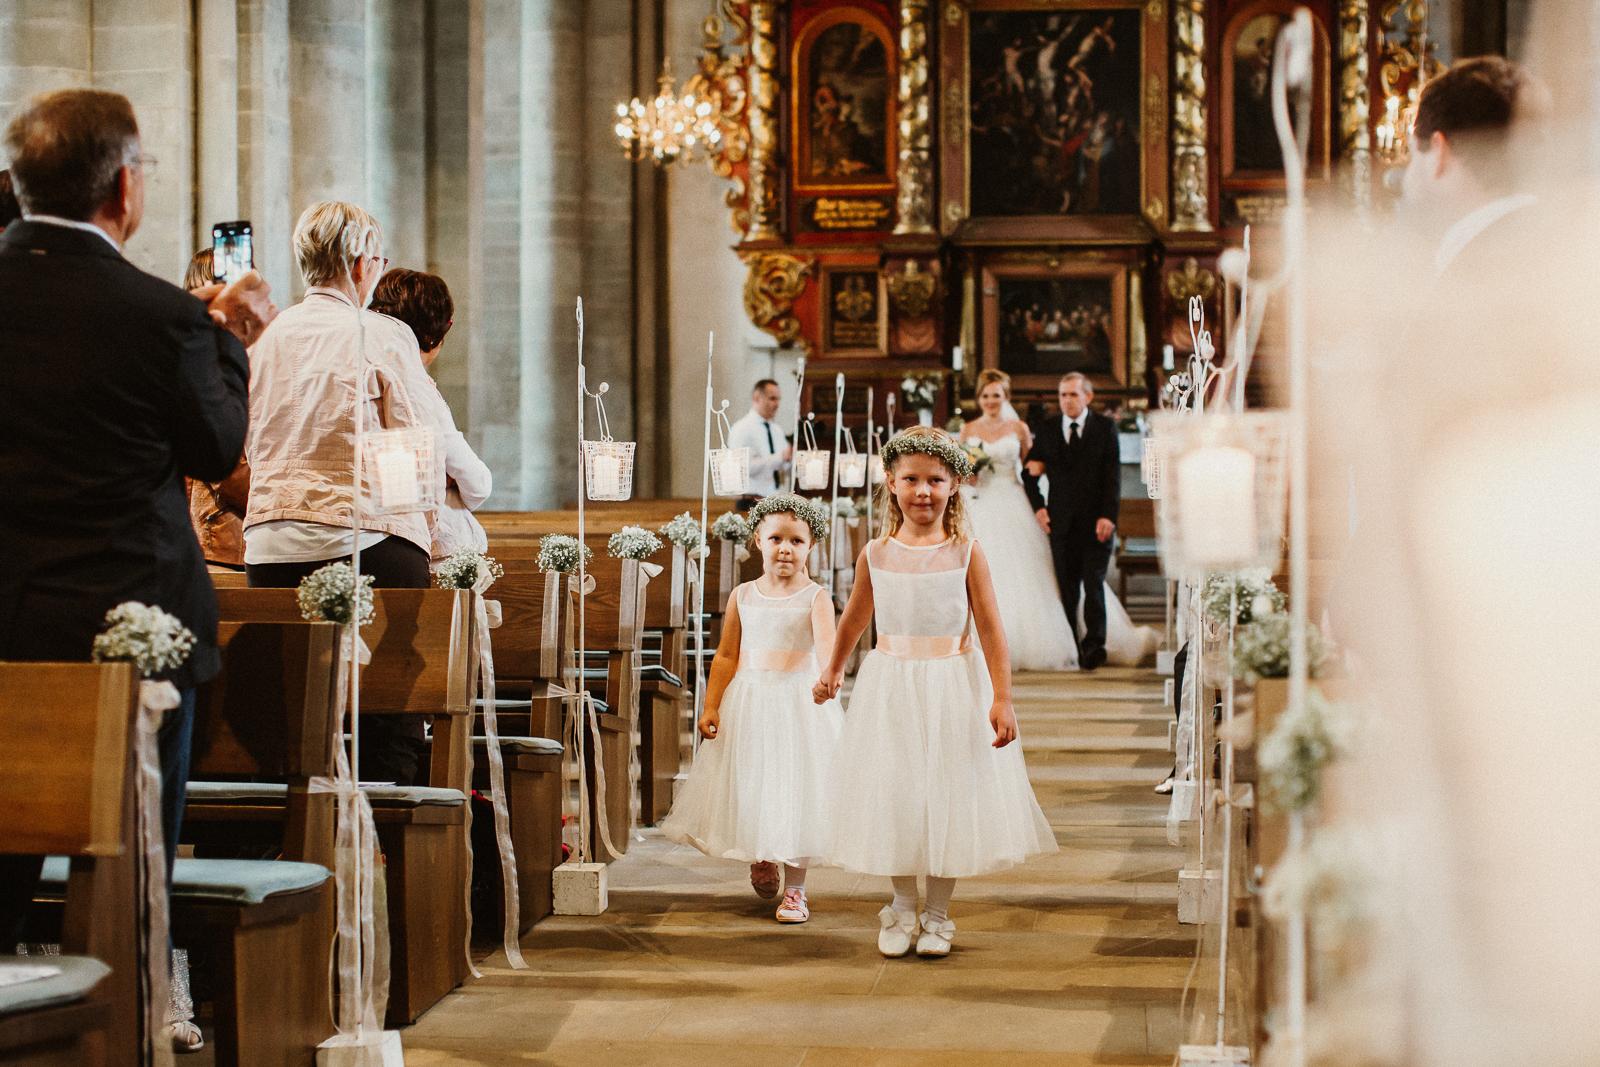 Hochzeitsfotograf aus NRW - wir erstellen kreative & emotionale Hochzeitsreportage